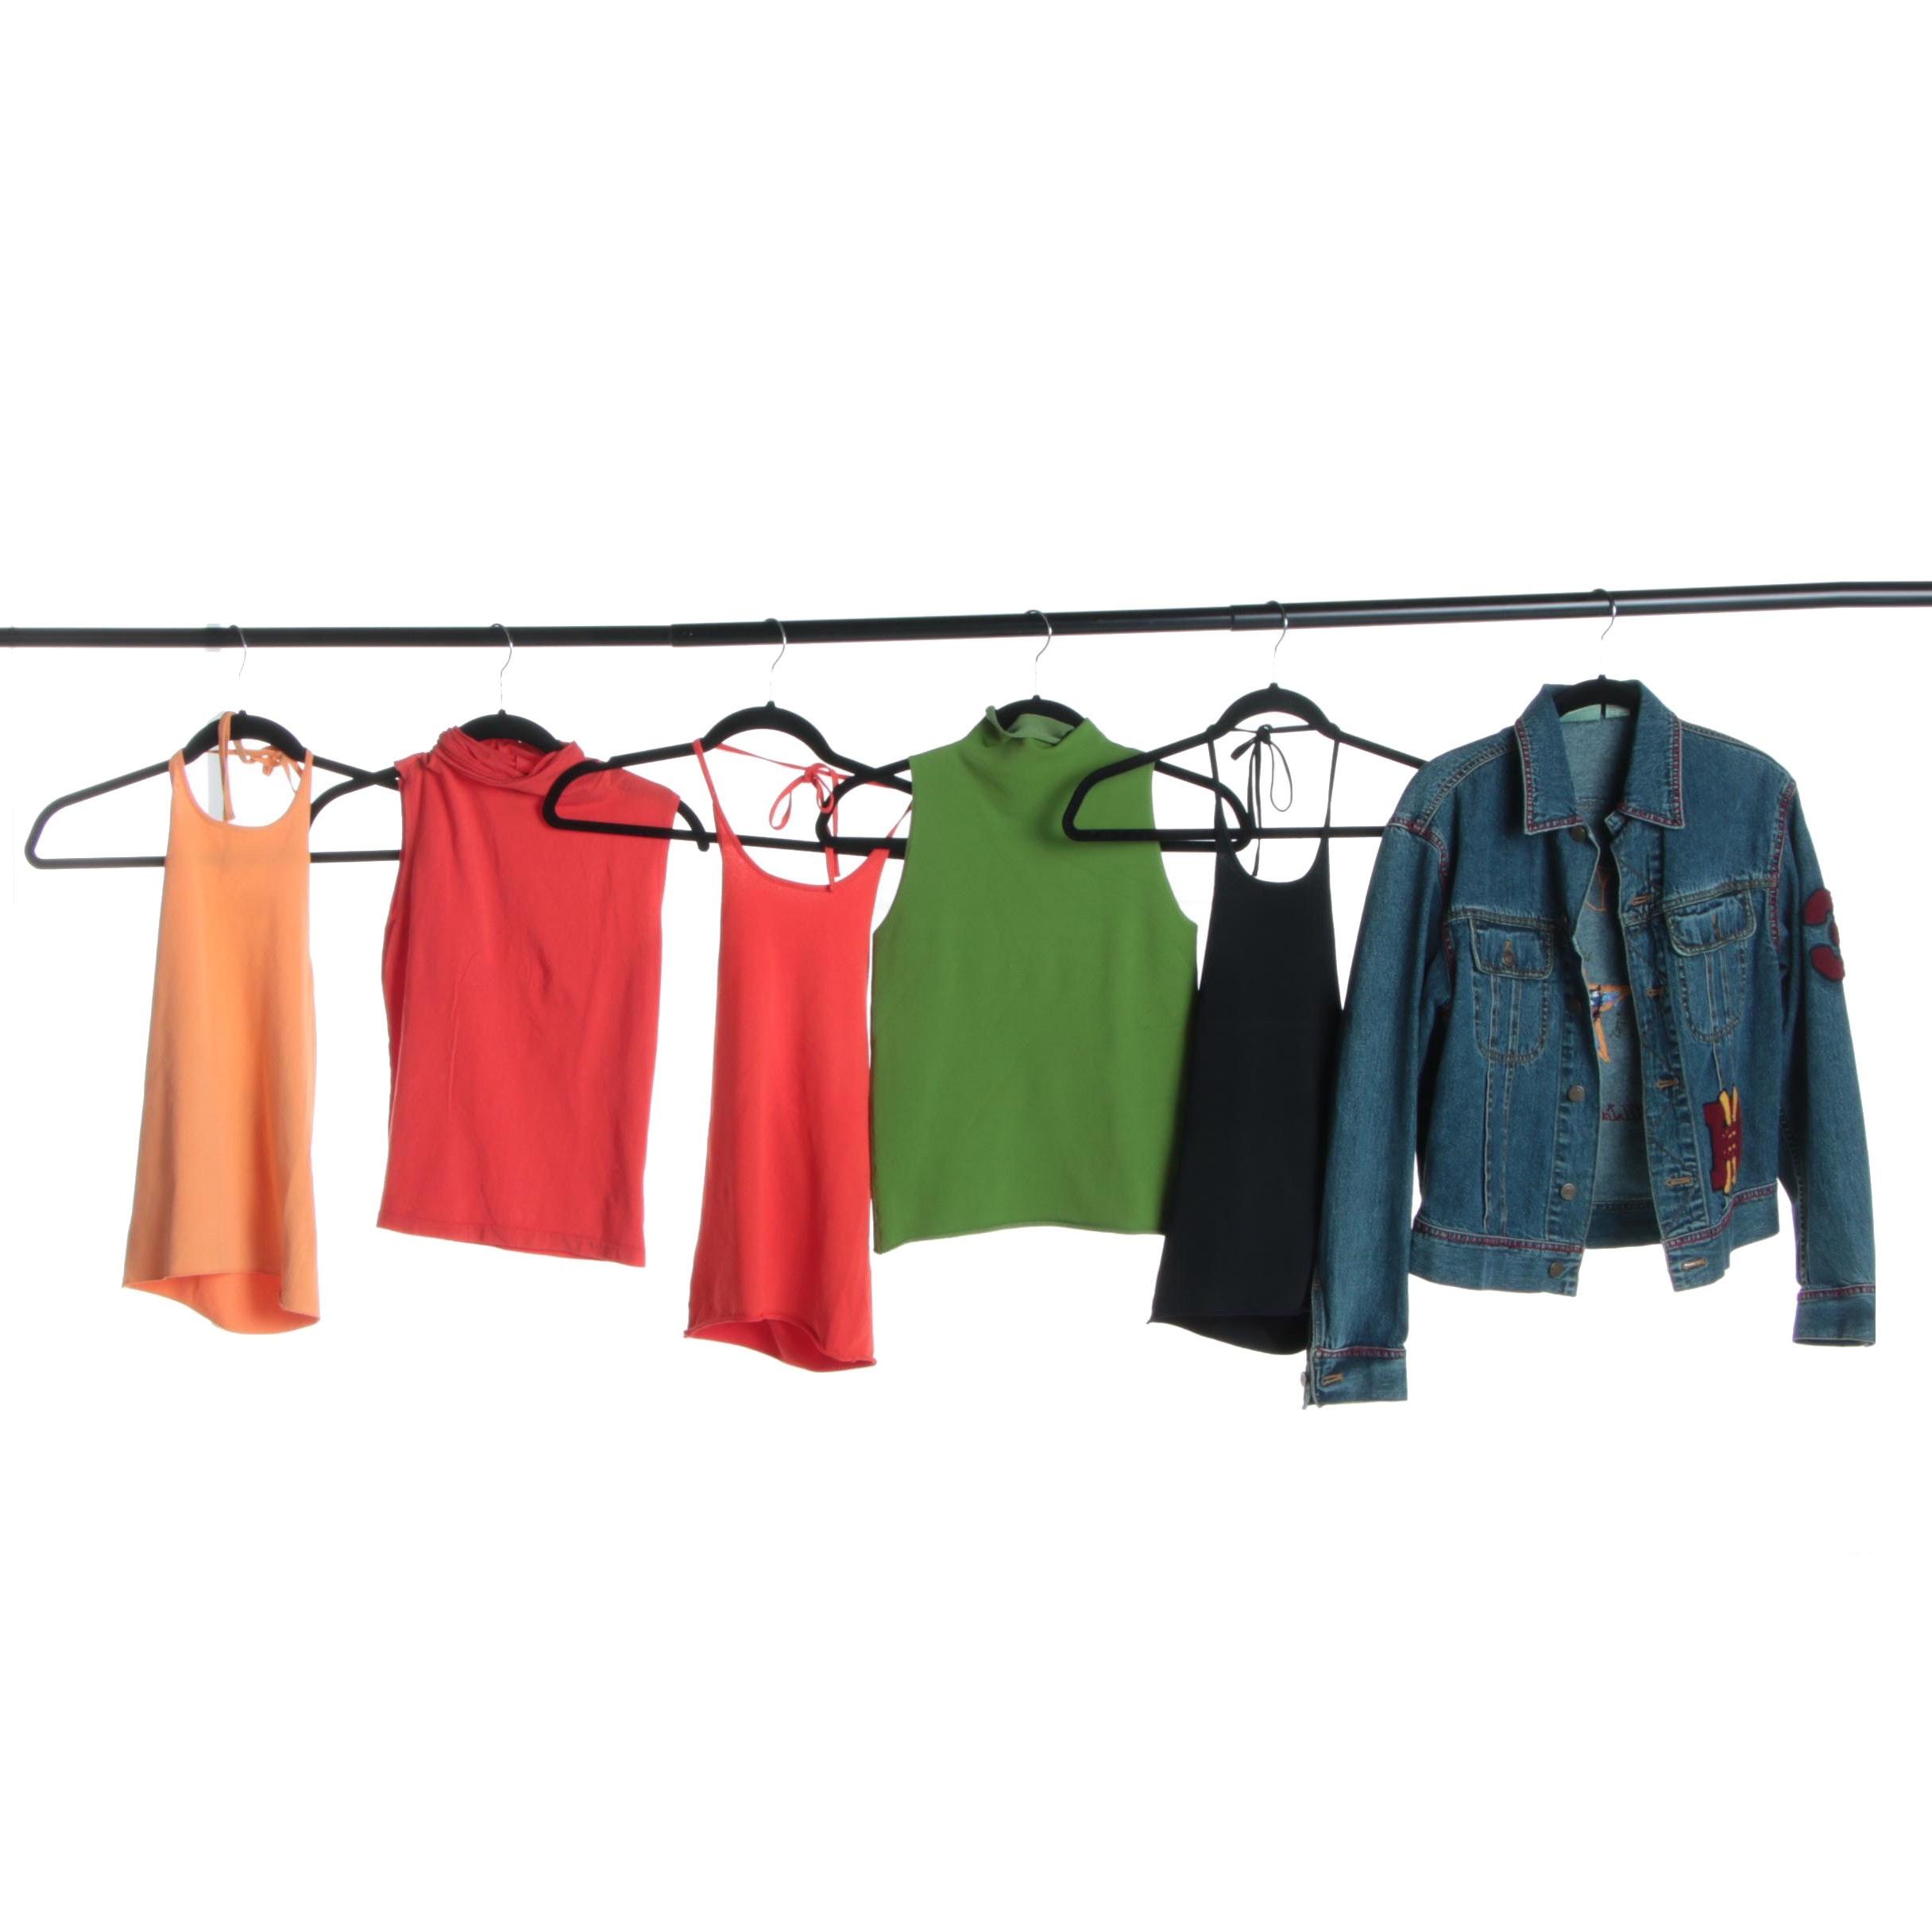 Women's DKNY Sleeveless Tops and Jean Jacket